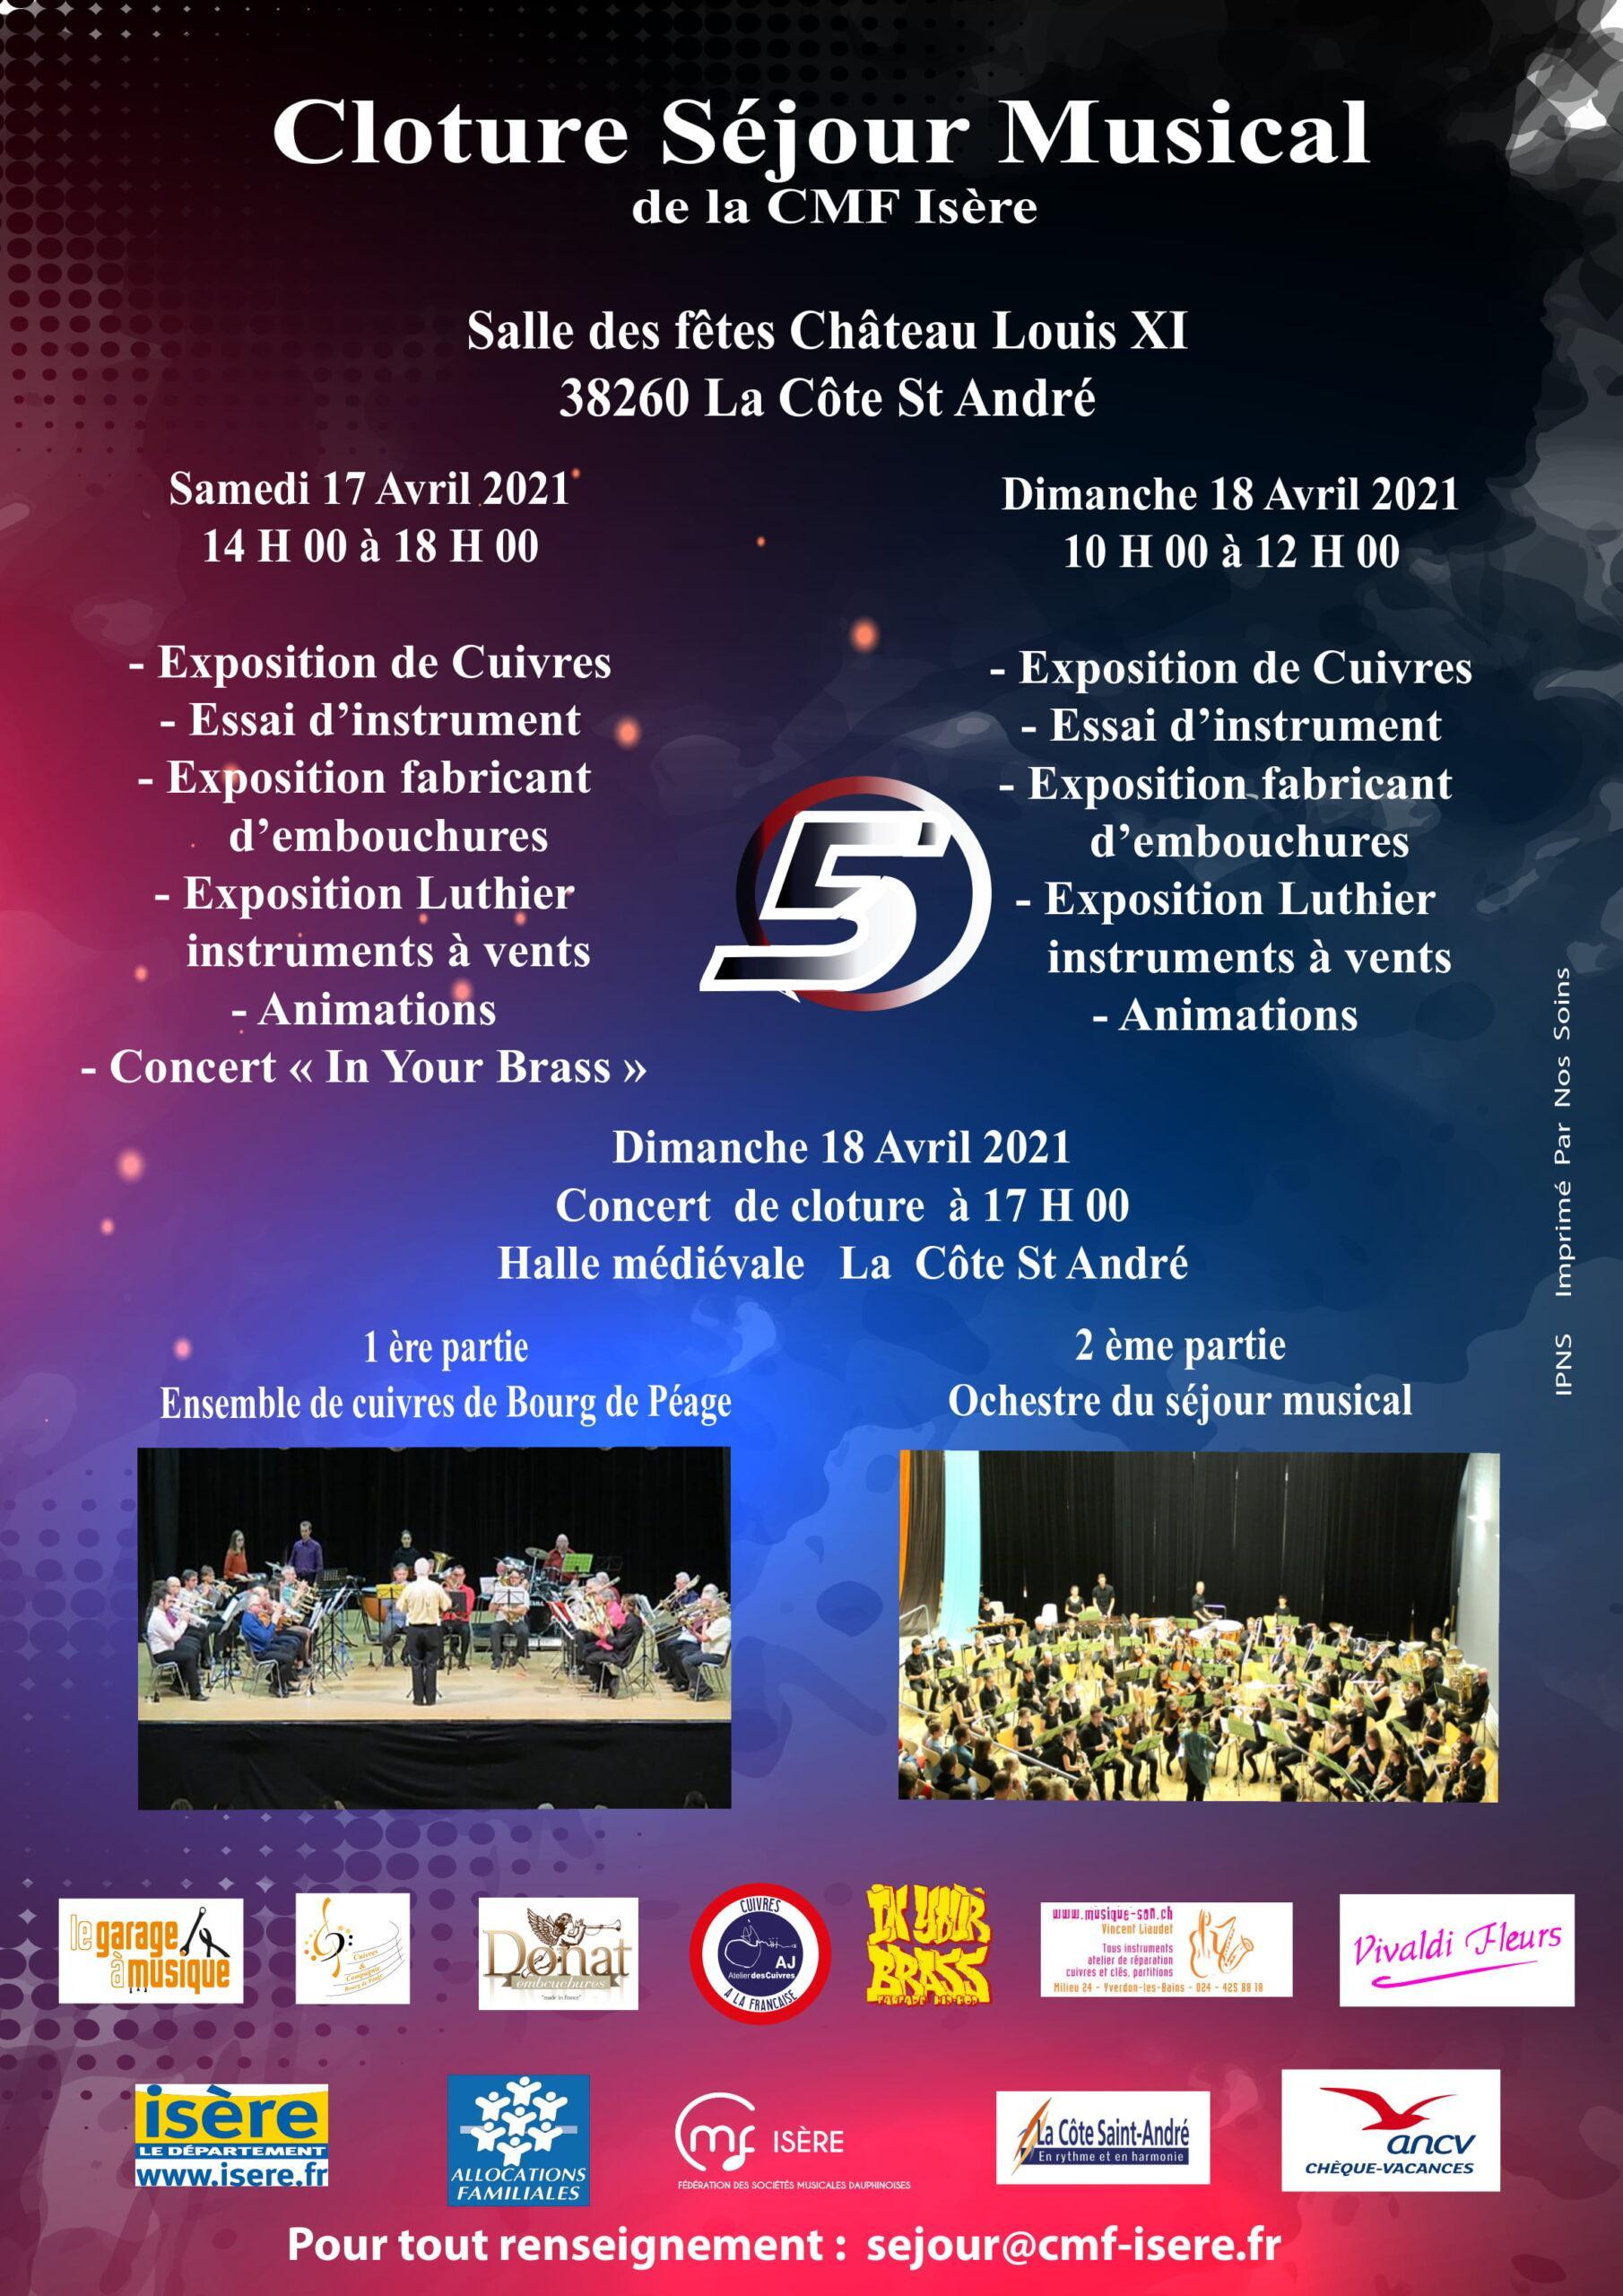 Concert de cloture du séjour musical CMF Isère 2021